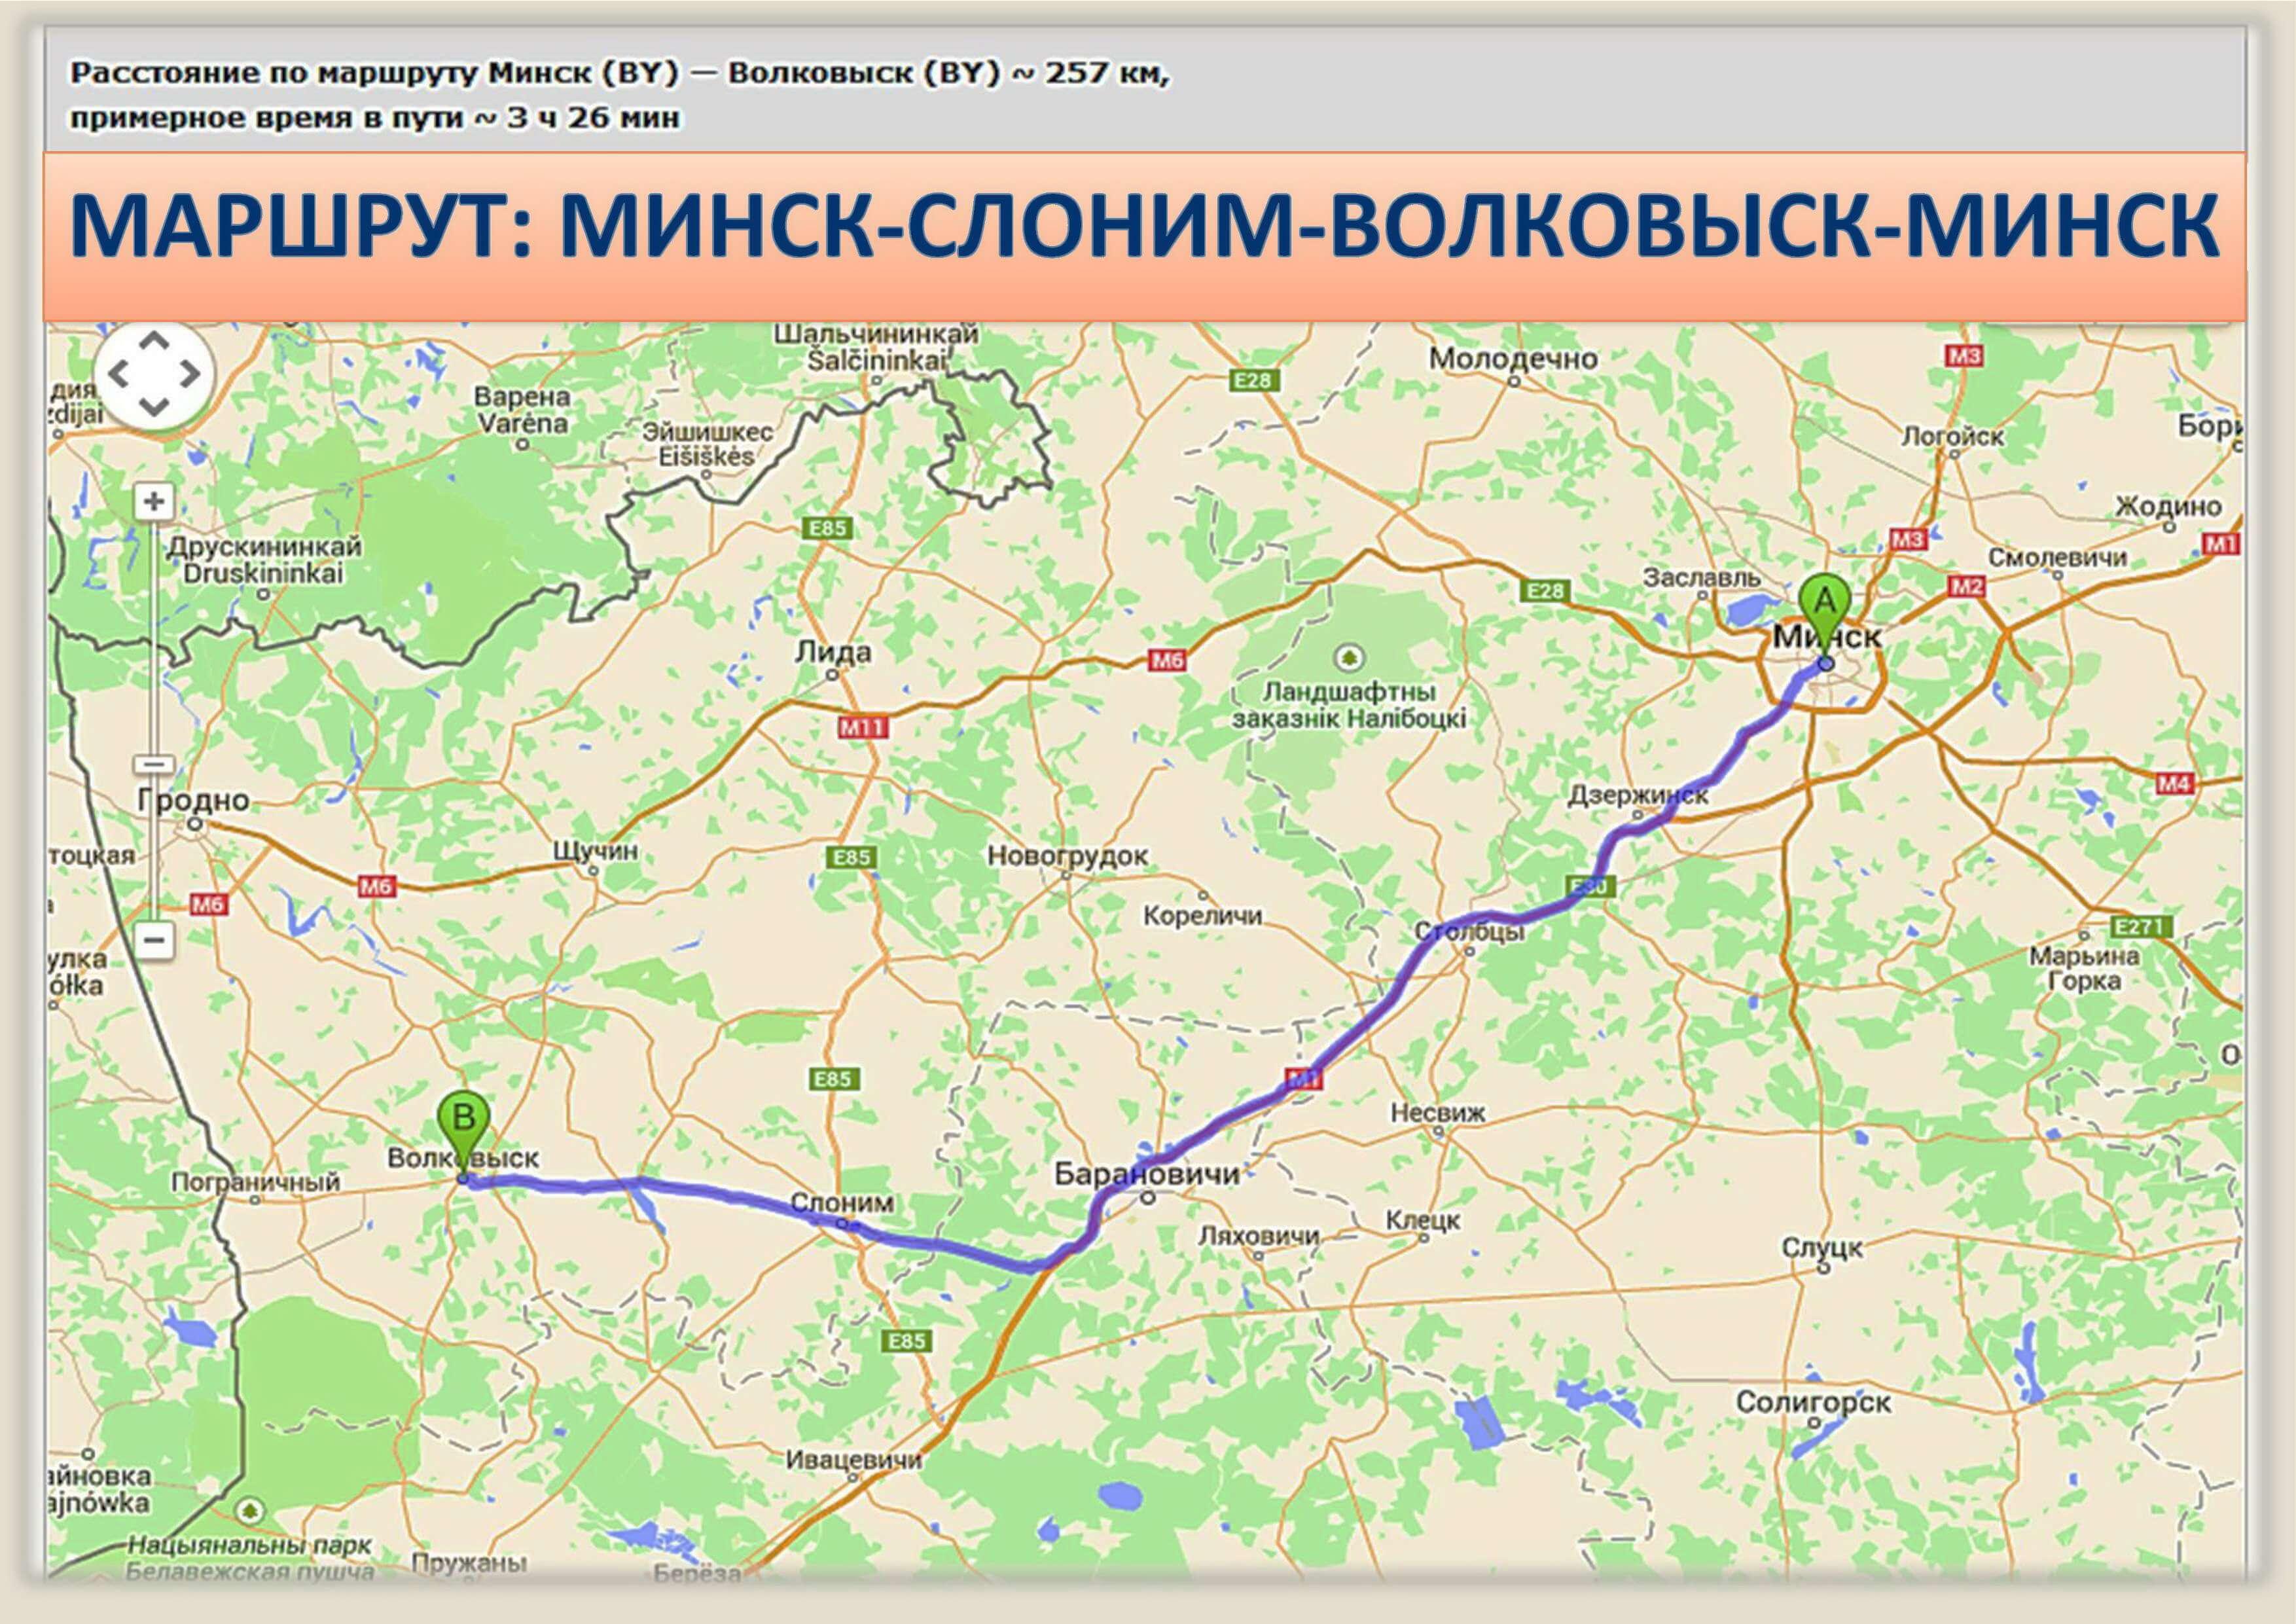 Атлас 9 класс история белоруссии скачать бесплатно